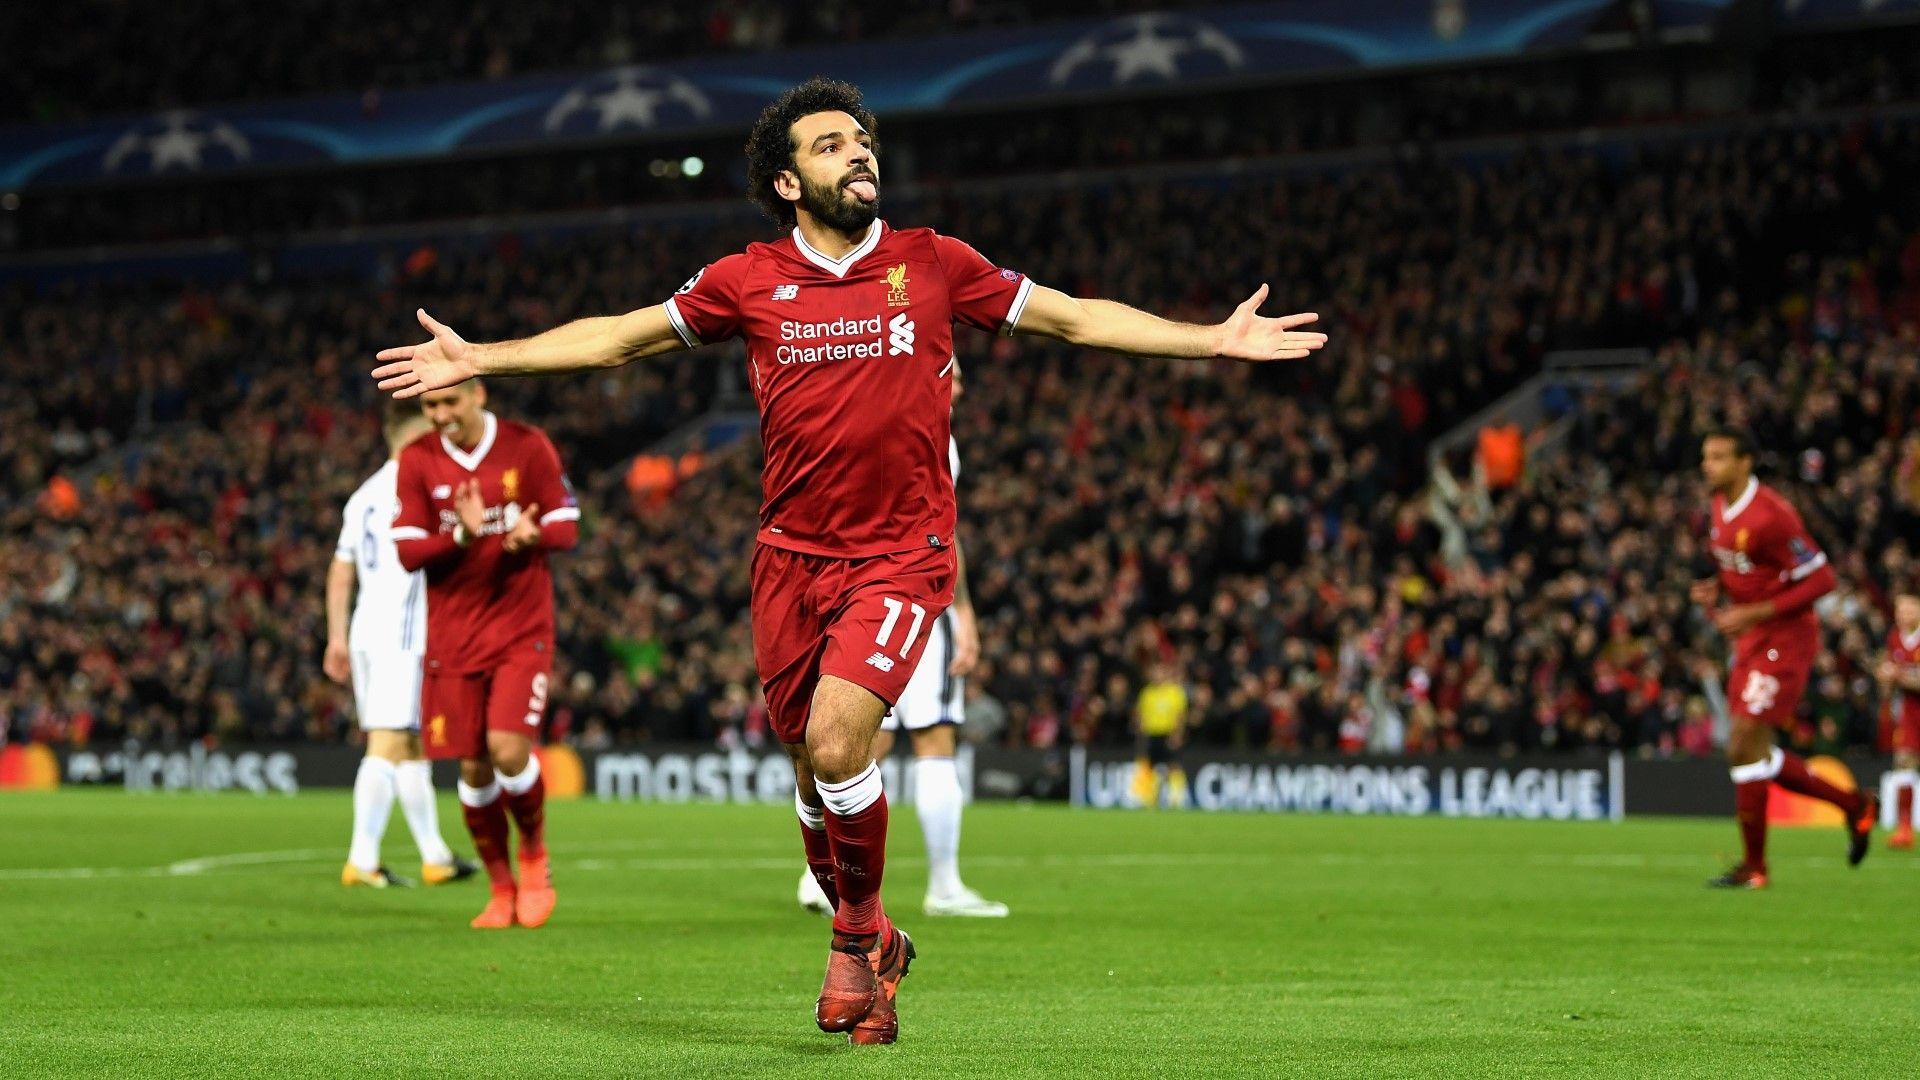 """Гол след гол, дебютният му сезон в """"Ливърпул"""" е паметен. Снимка: Getty Images"""